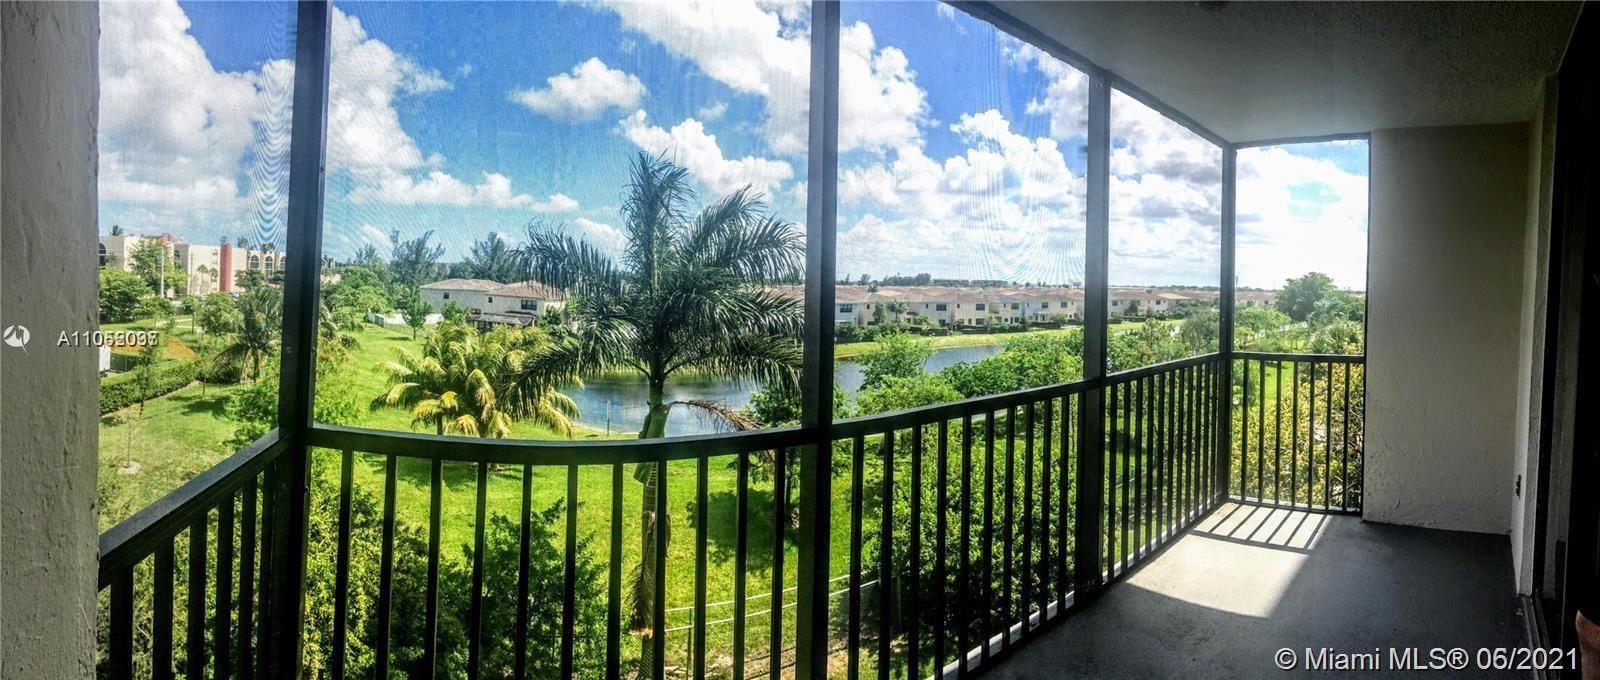 900 NE 195th St #416, Miami, FL 33179 - #: A11052037